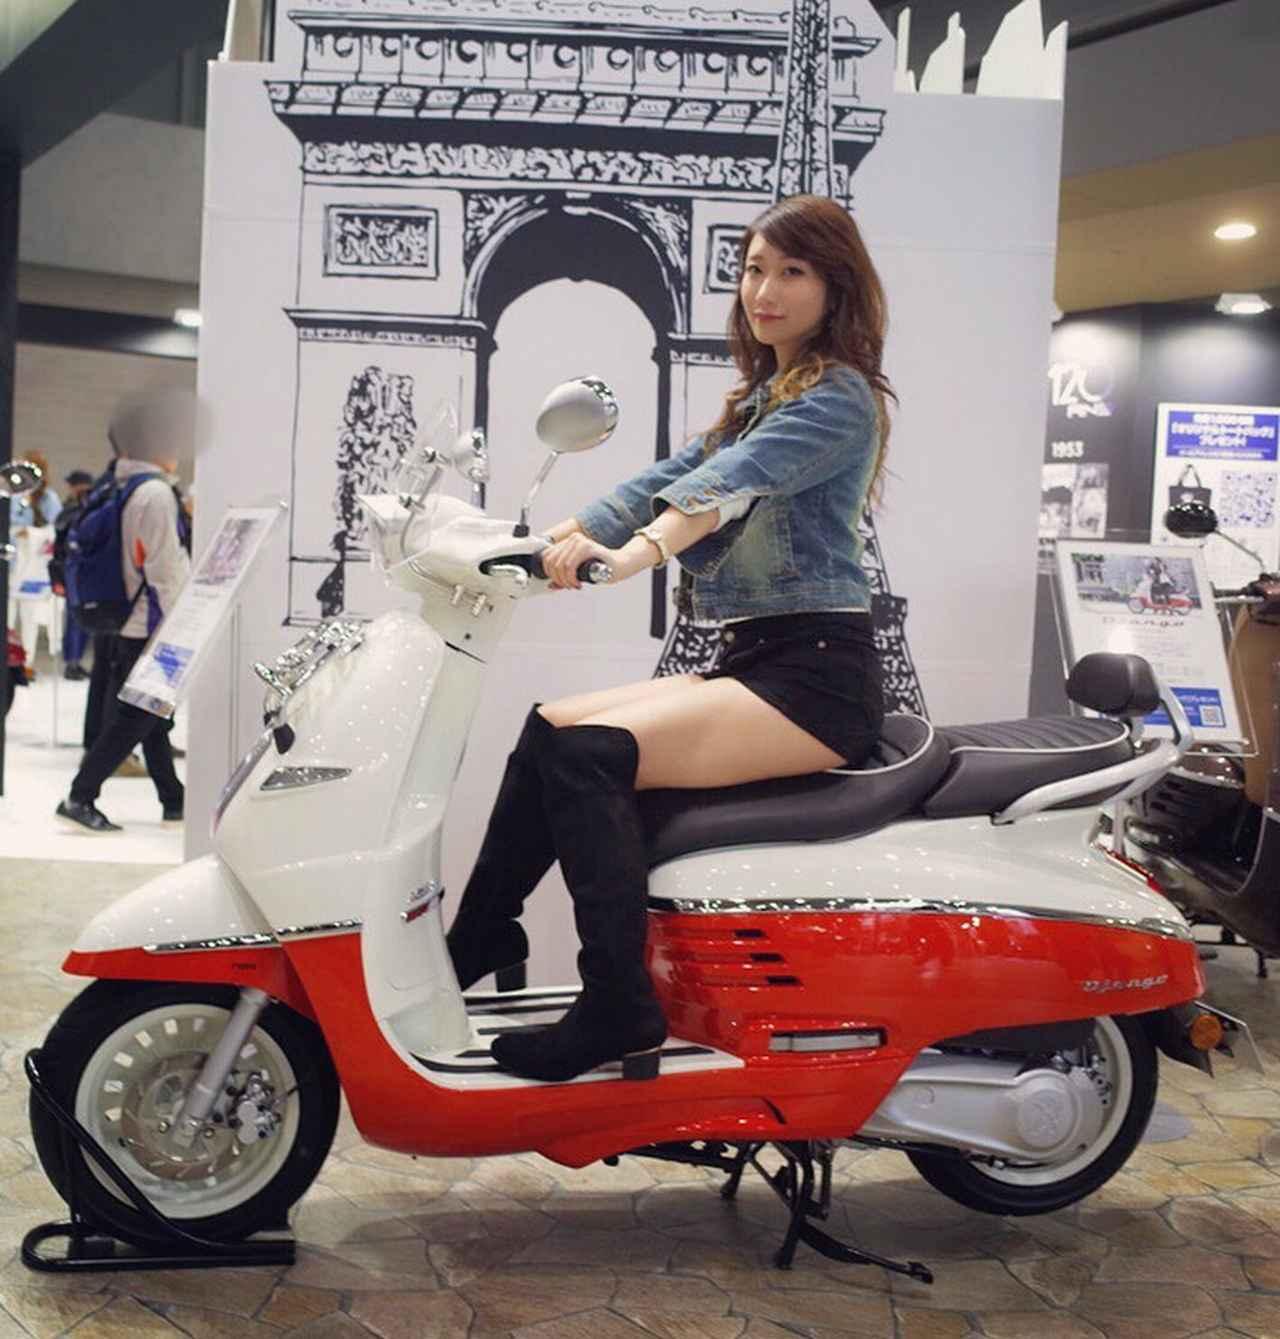 画像9: ミク様レポ☆「第46回 東京モーターサイクルショー」プレスデーに今年も潜入してきました♡